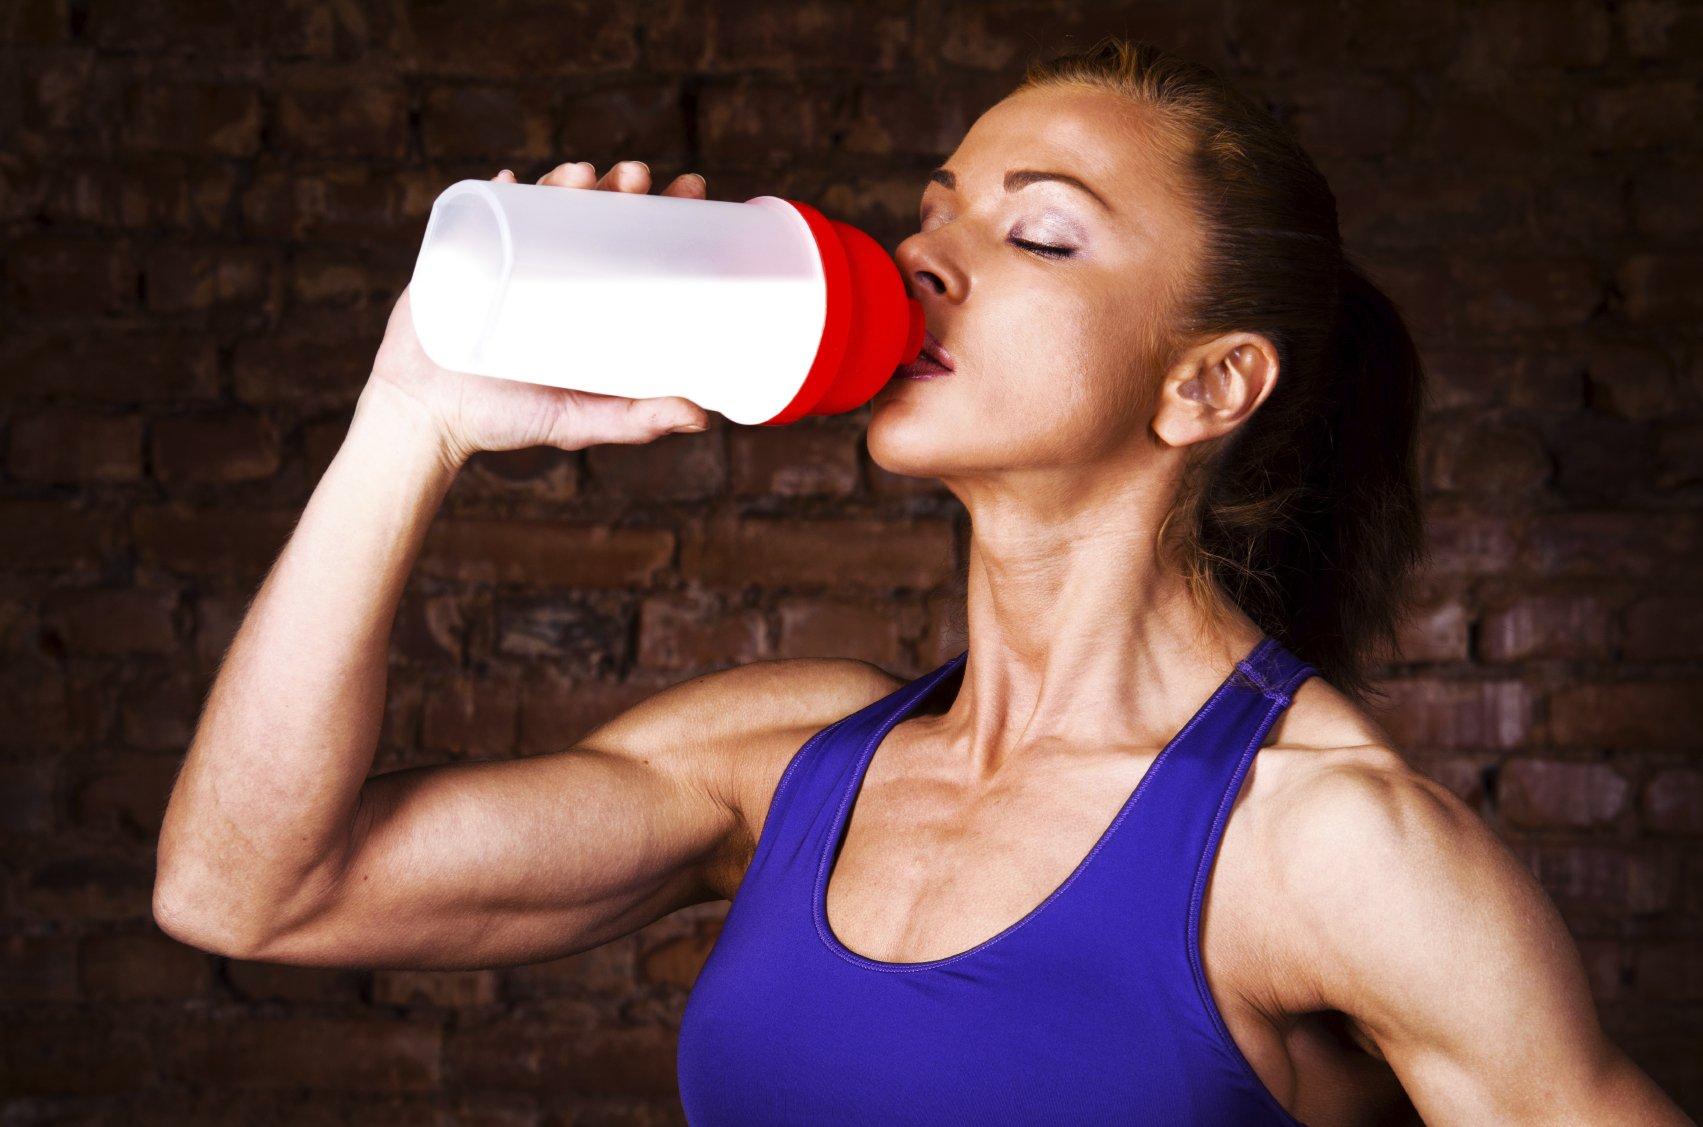 Протеин Можно Похудеть. Как пить протеин для похудения и какой лучше выбрать девушкам или мужчинам